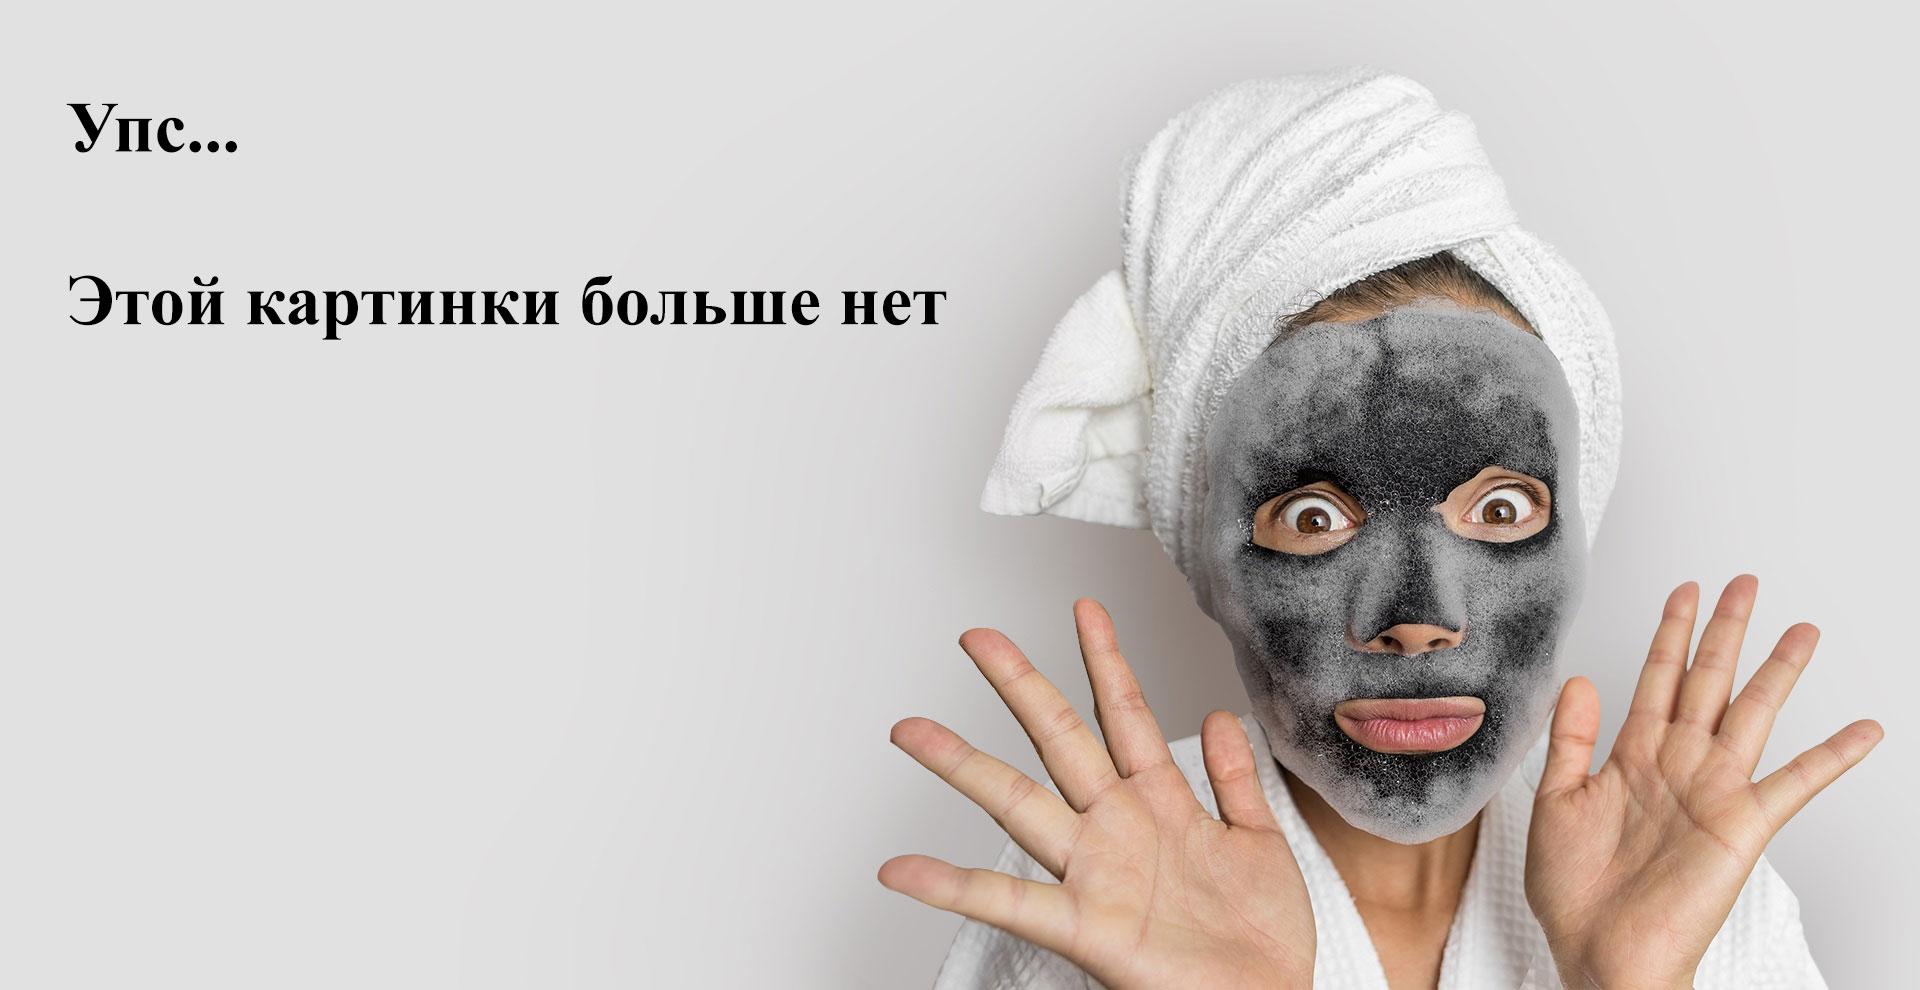 Masura, Гель-лак №295-35M, Глаза Котенка